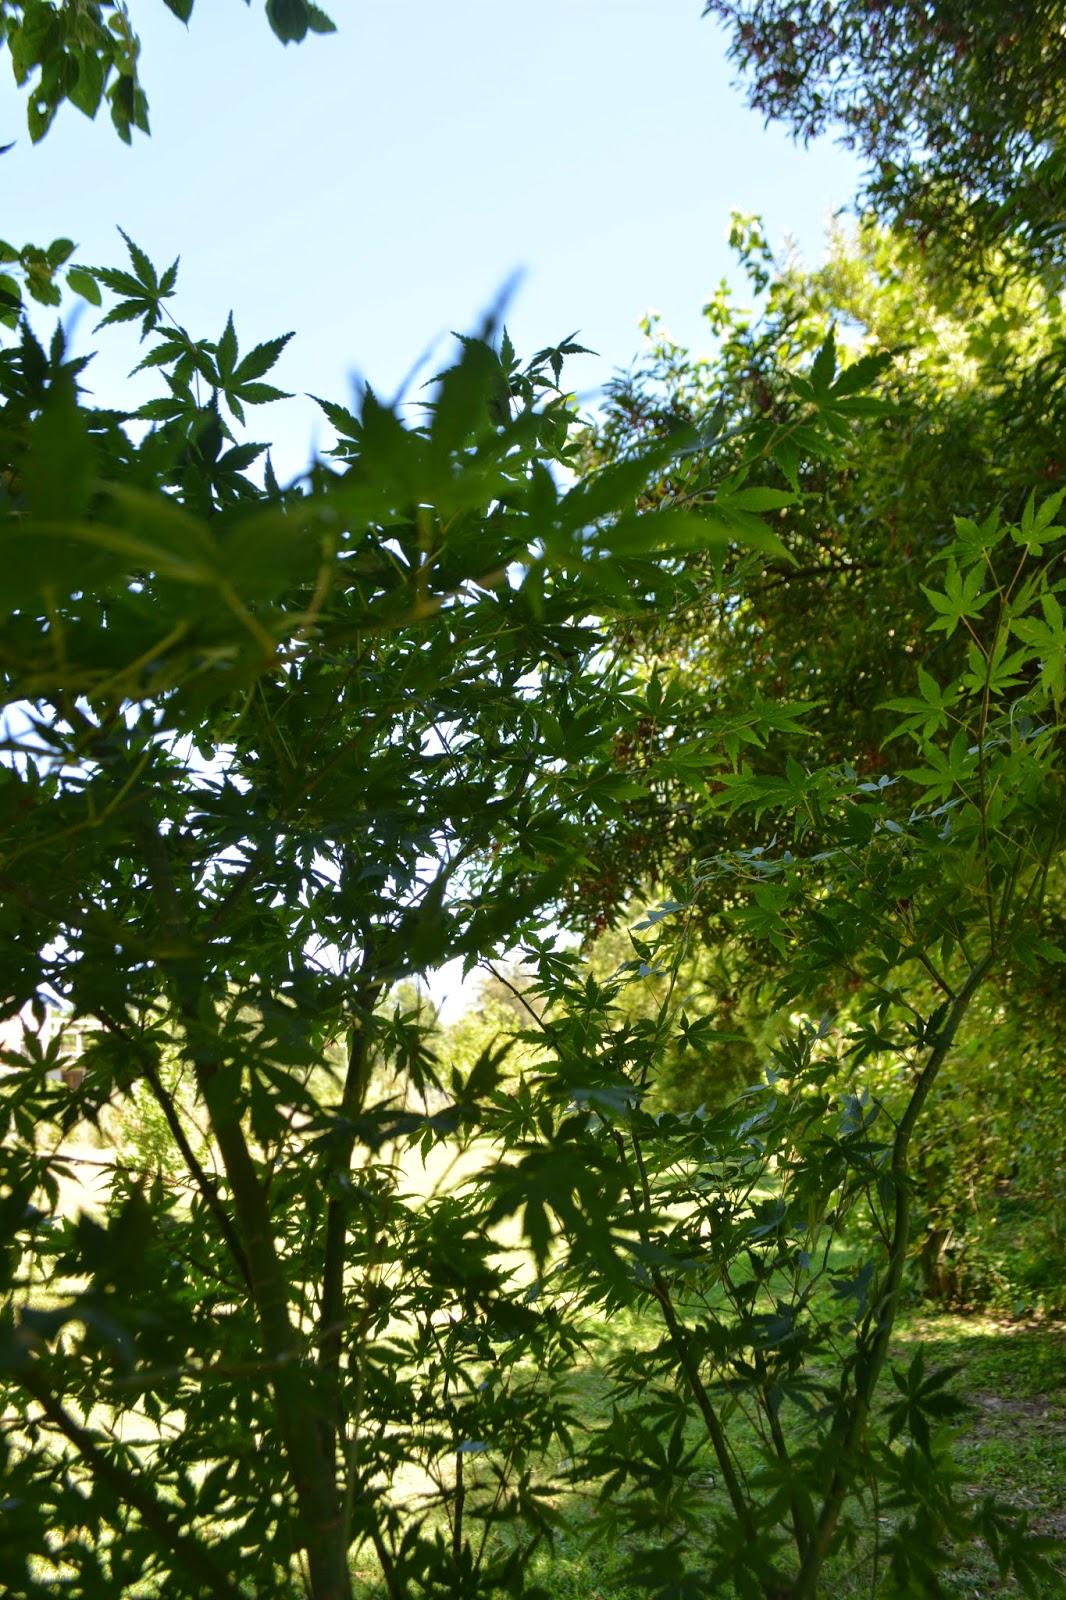 Árboles caducos ornamentales: Acer Palmatum. Arce japonés.